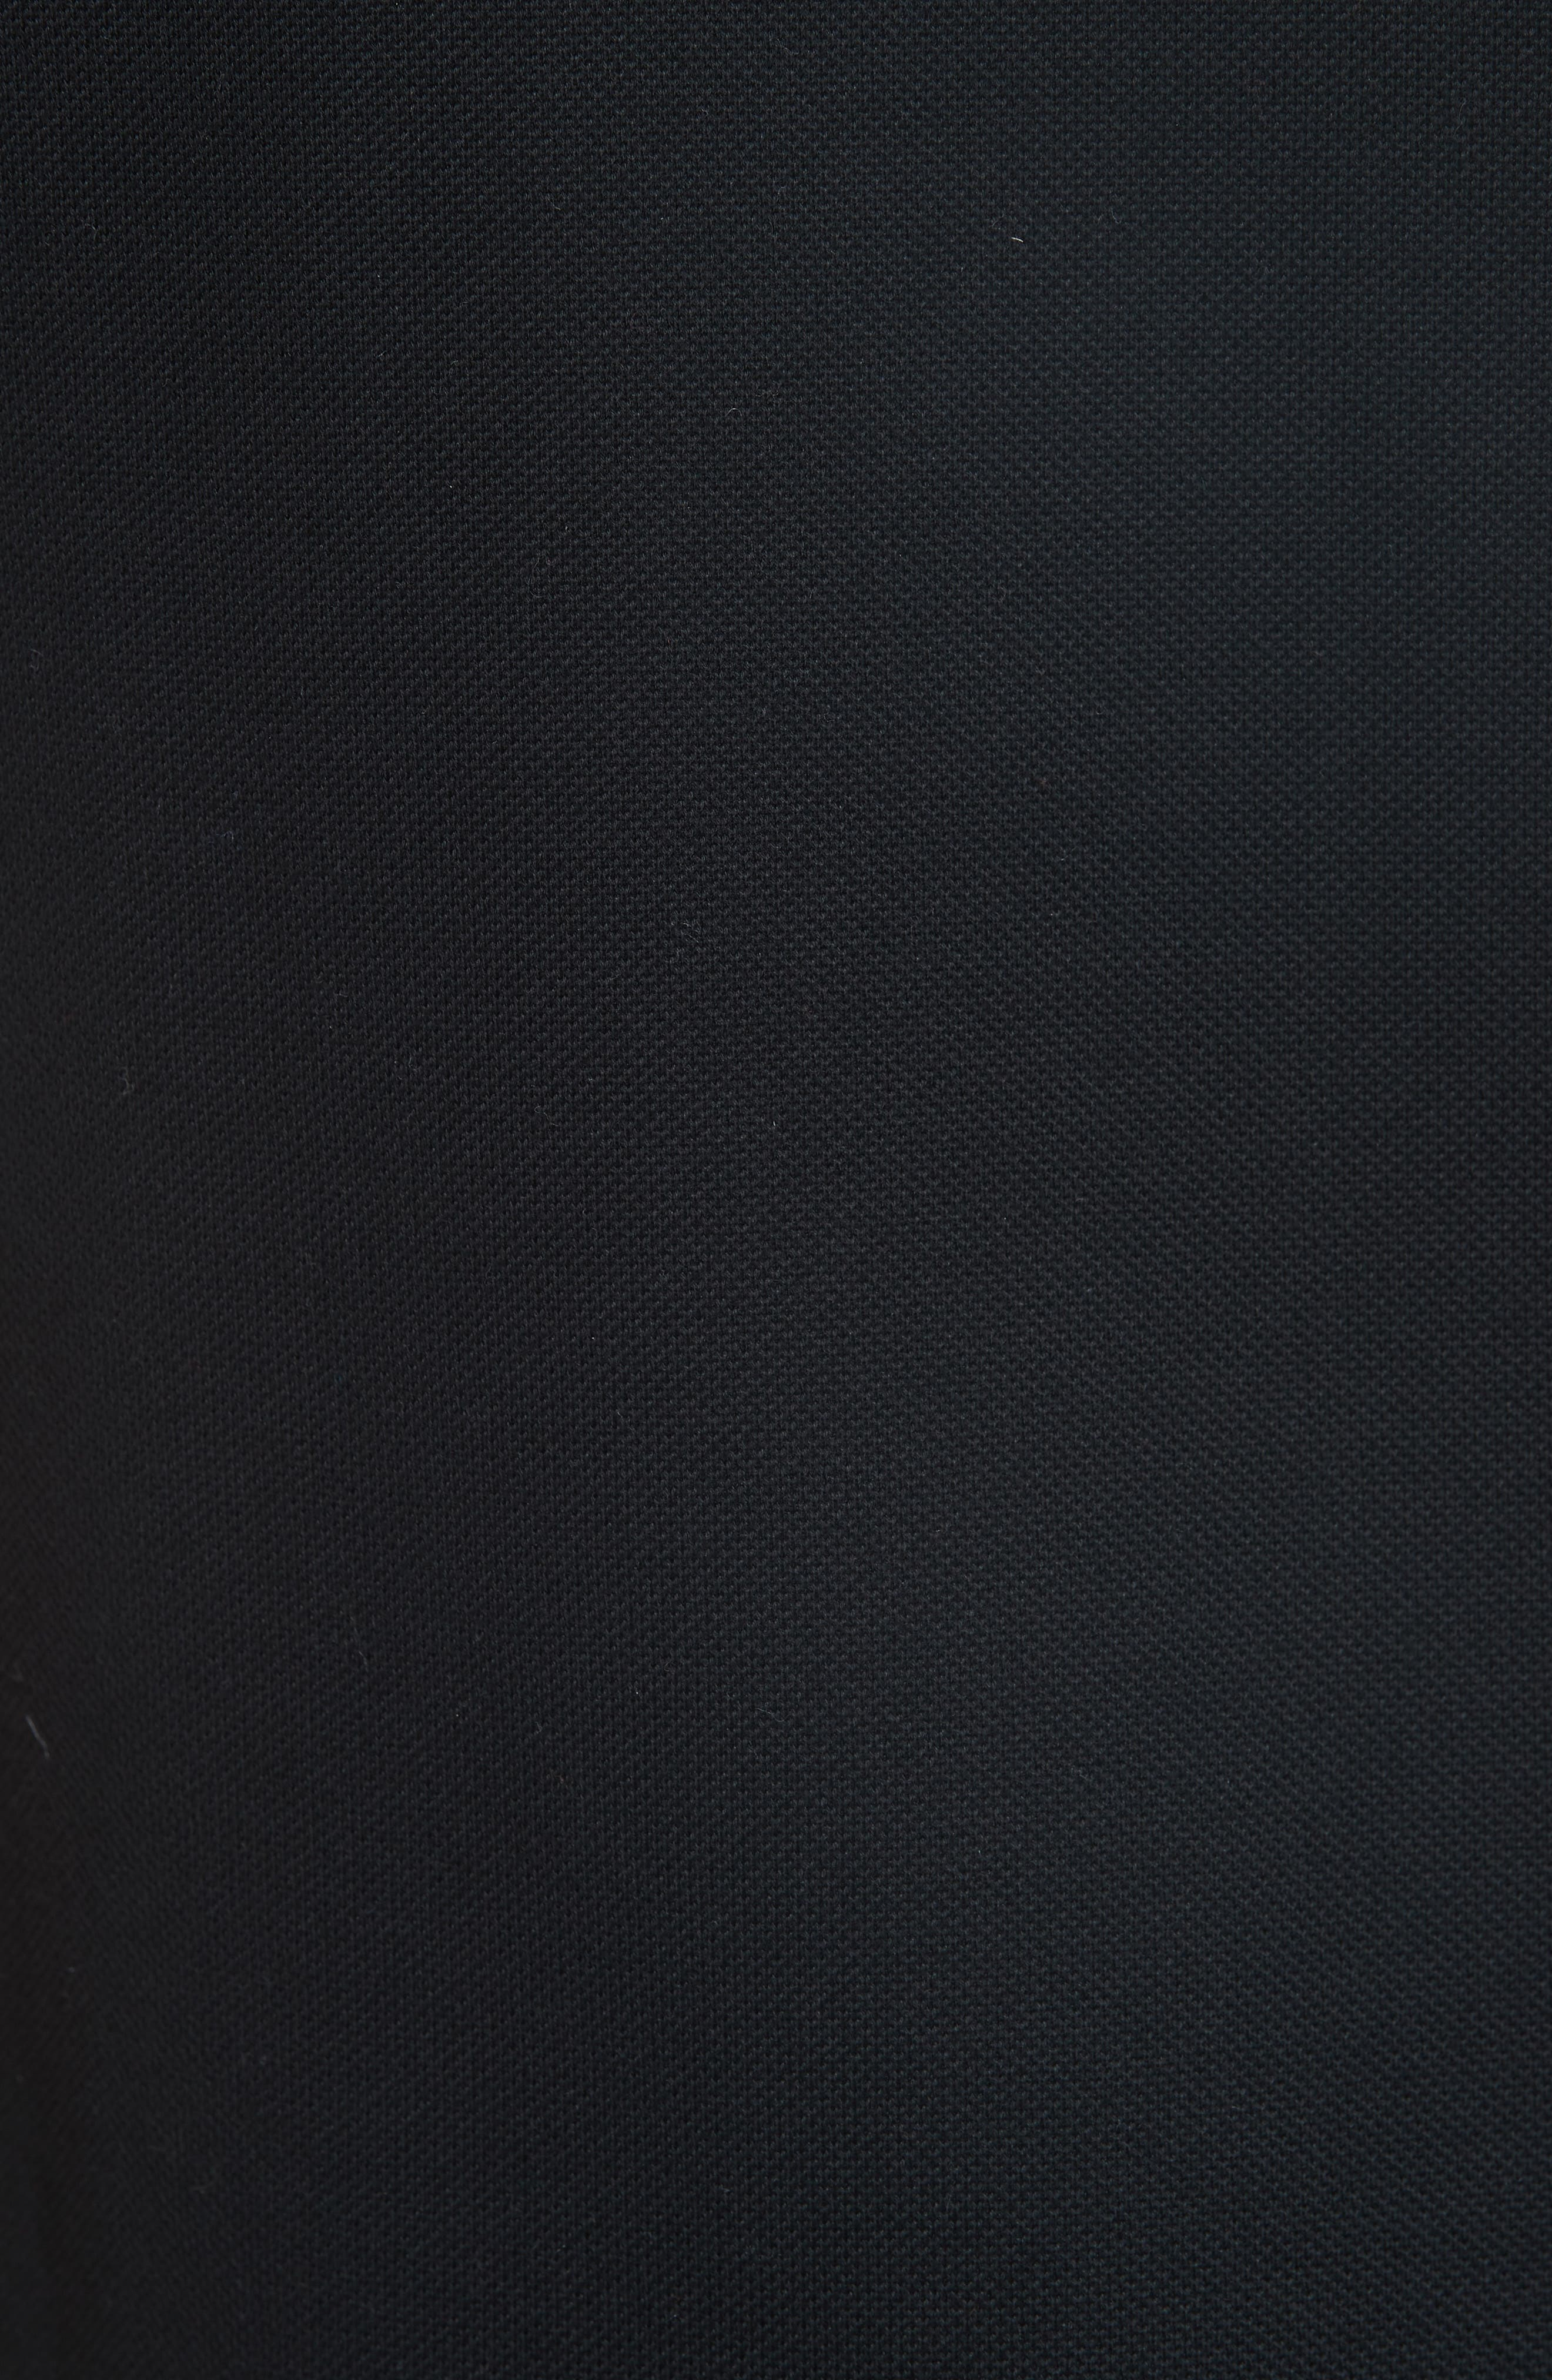 Velvet Sleeve Piqué Polo,                             Alternate thumbnail 5, color,                             BLACK/ ORANGE